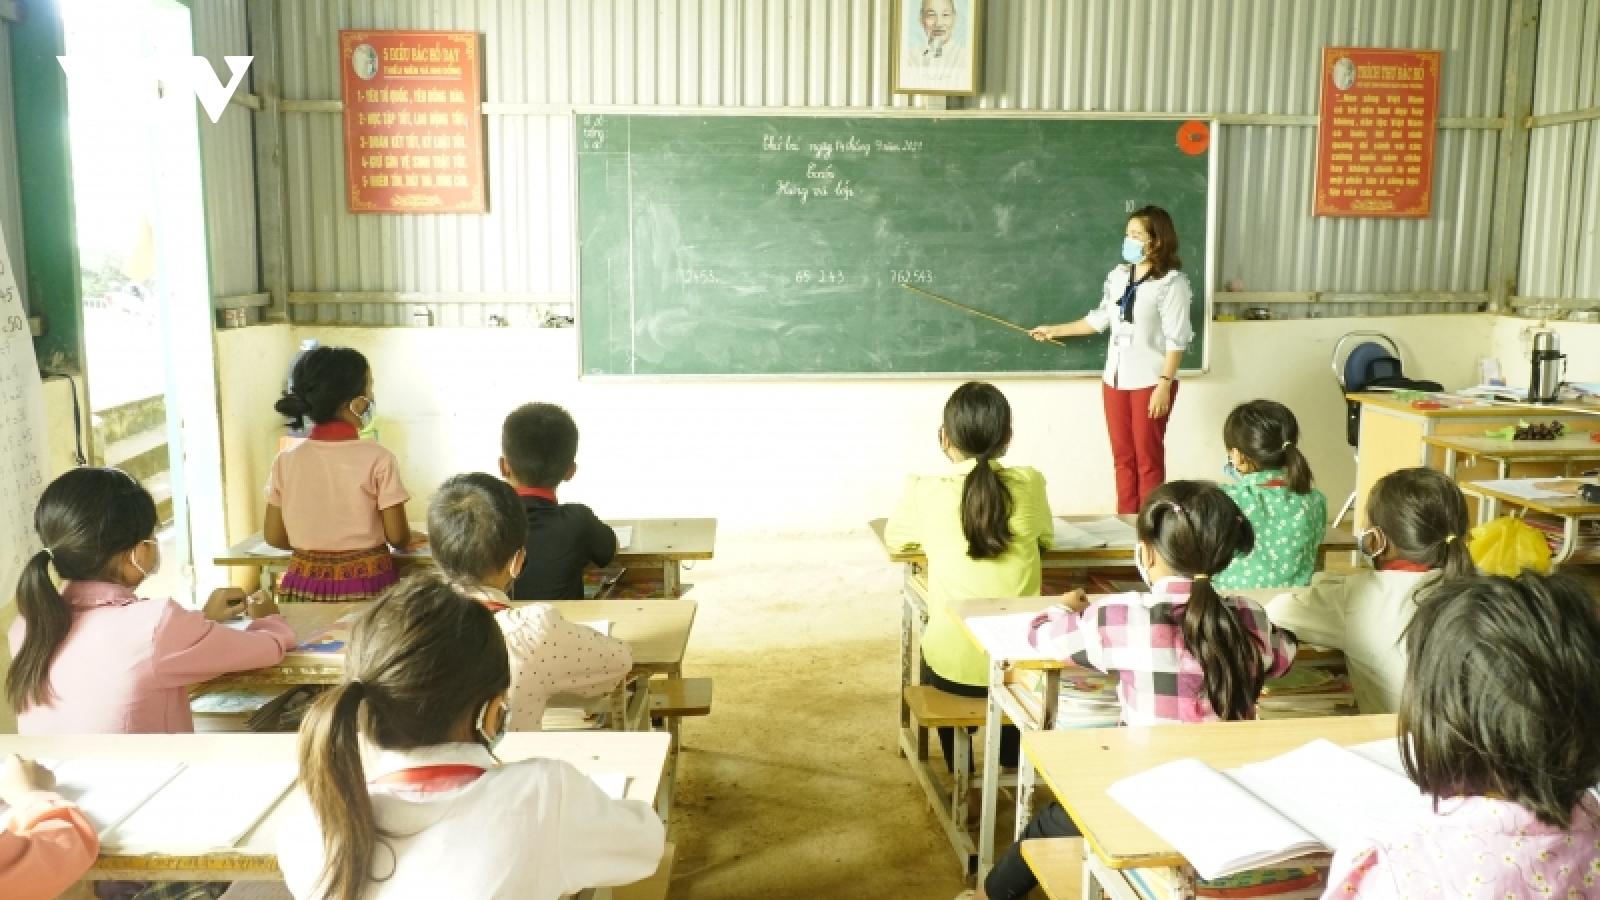 Nhiều thách thức với giáo dục vùng khó ở huyện vùng cao Điện Biên Đông